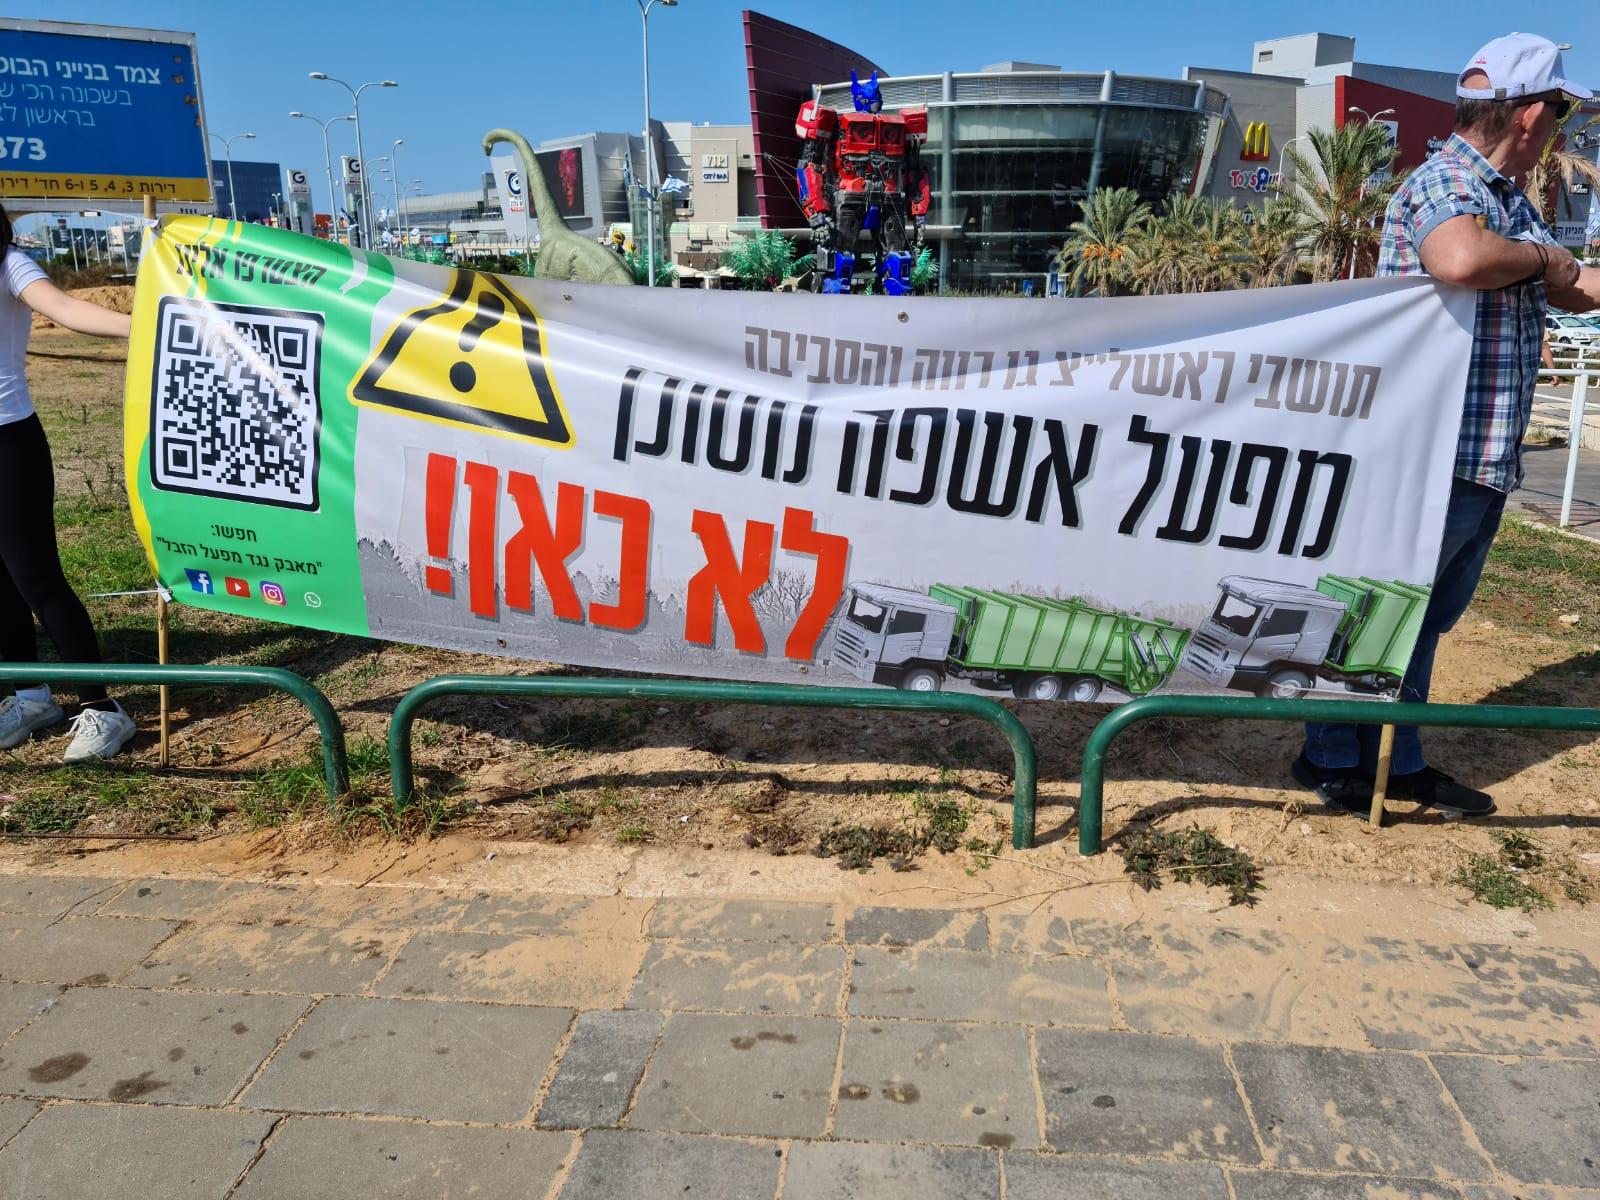 הפגנה נגד הקמת מתקן הפסולת. צילום: פרטי